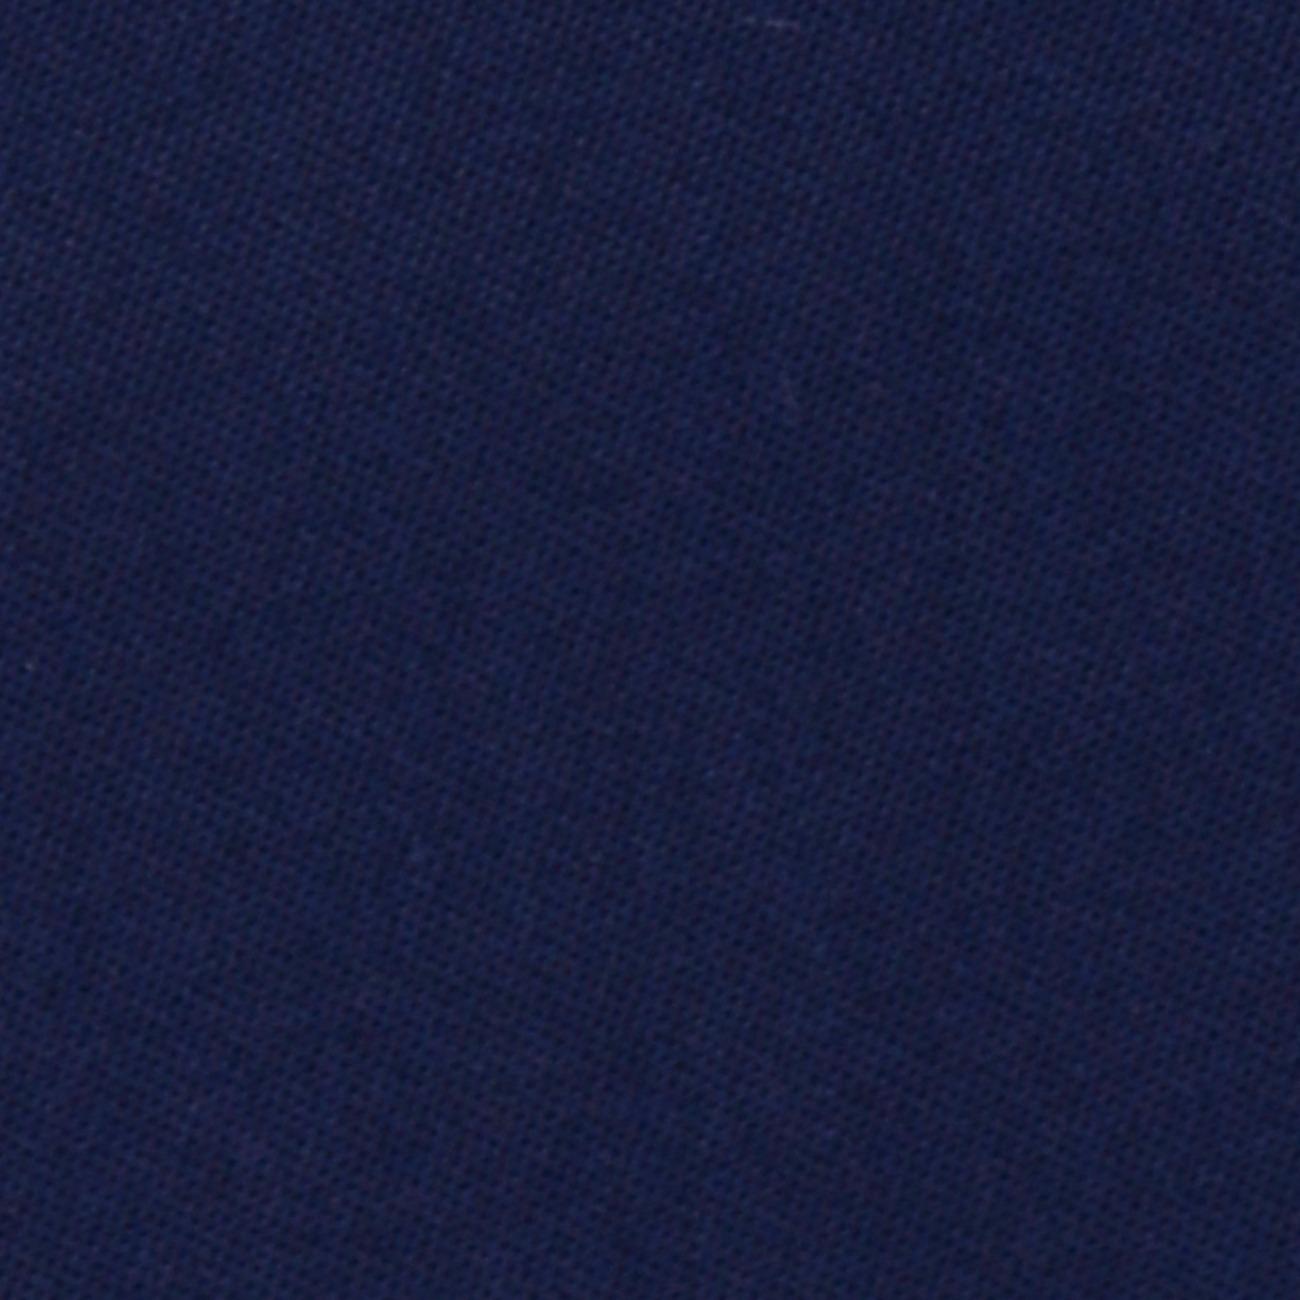 毛纺 素色 羊毛 染色 薄 精仿 西装 职业装 春秋 女装 男装 71122-37